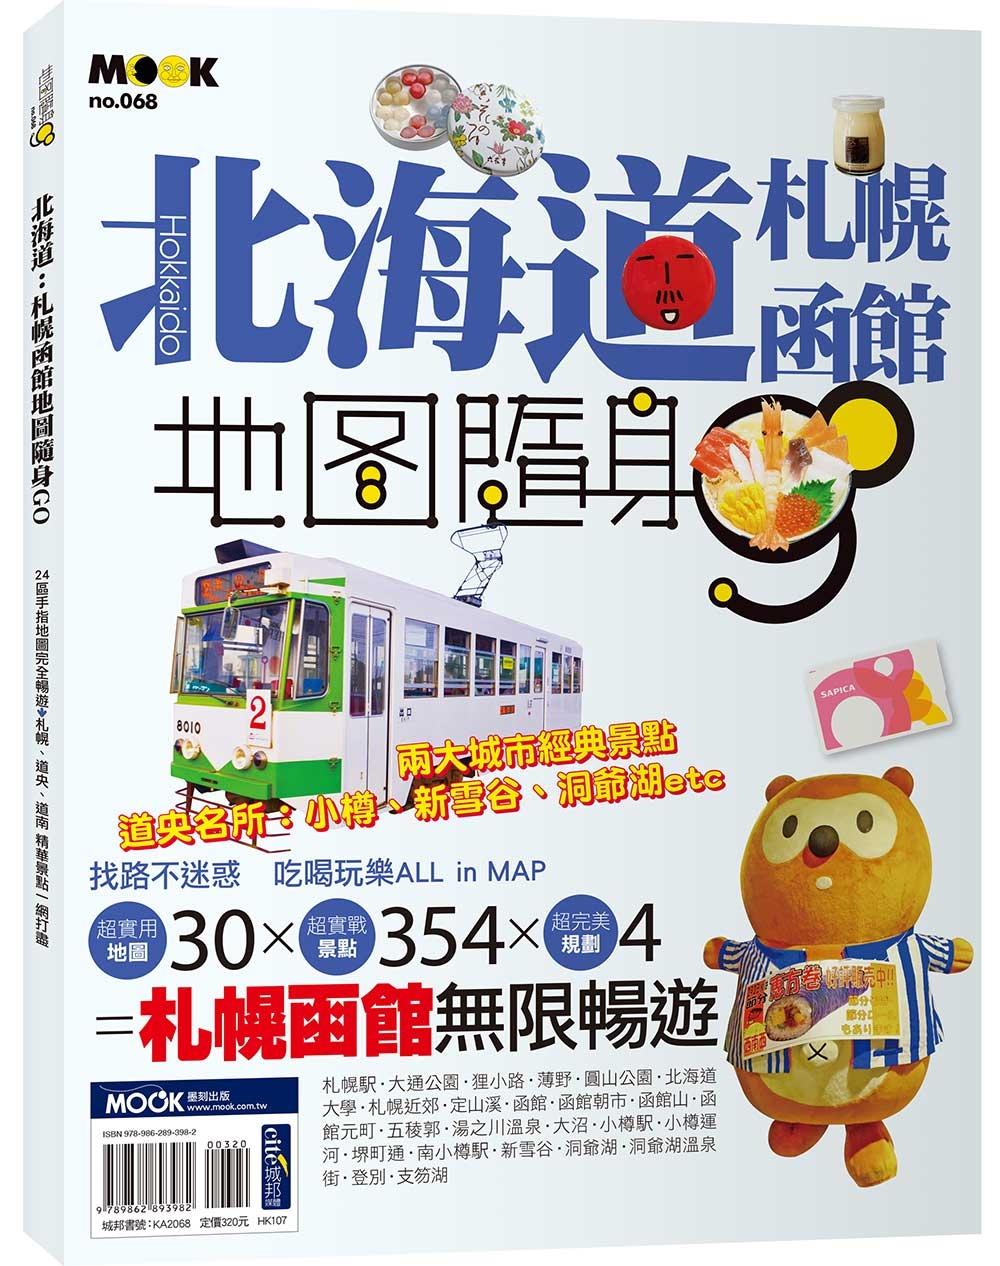 ◤博客來BOOKS◢ 暢銷書榜《推薦》北海道:札幌函館地圖隨身GO